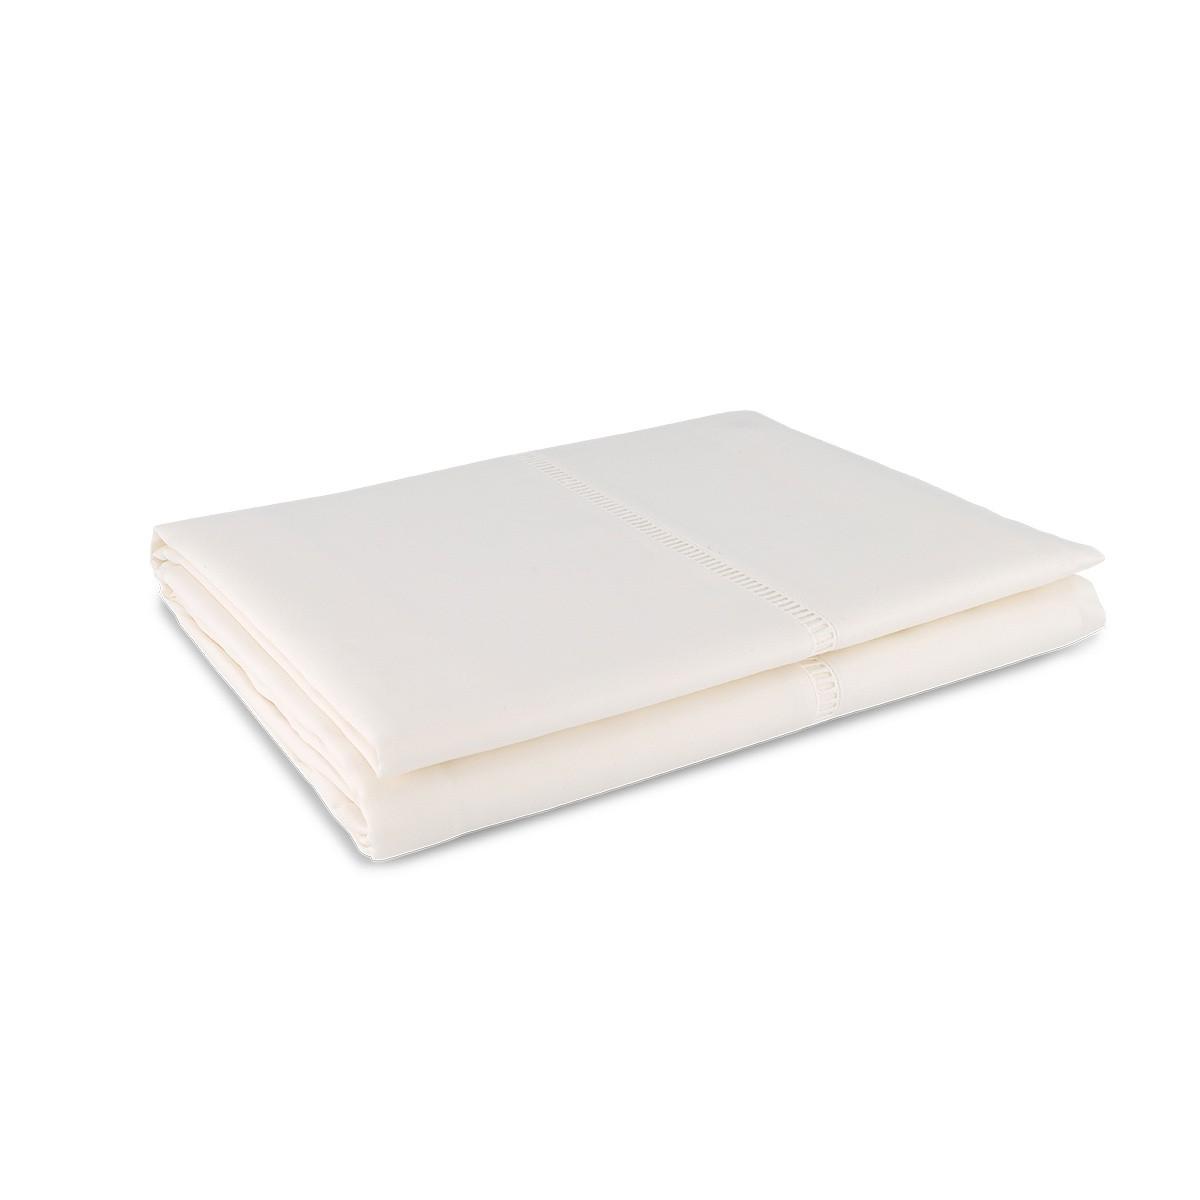 Venezia Duvet Cover, Cream White